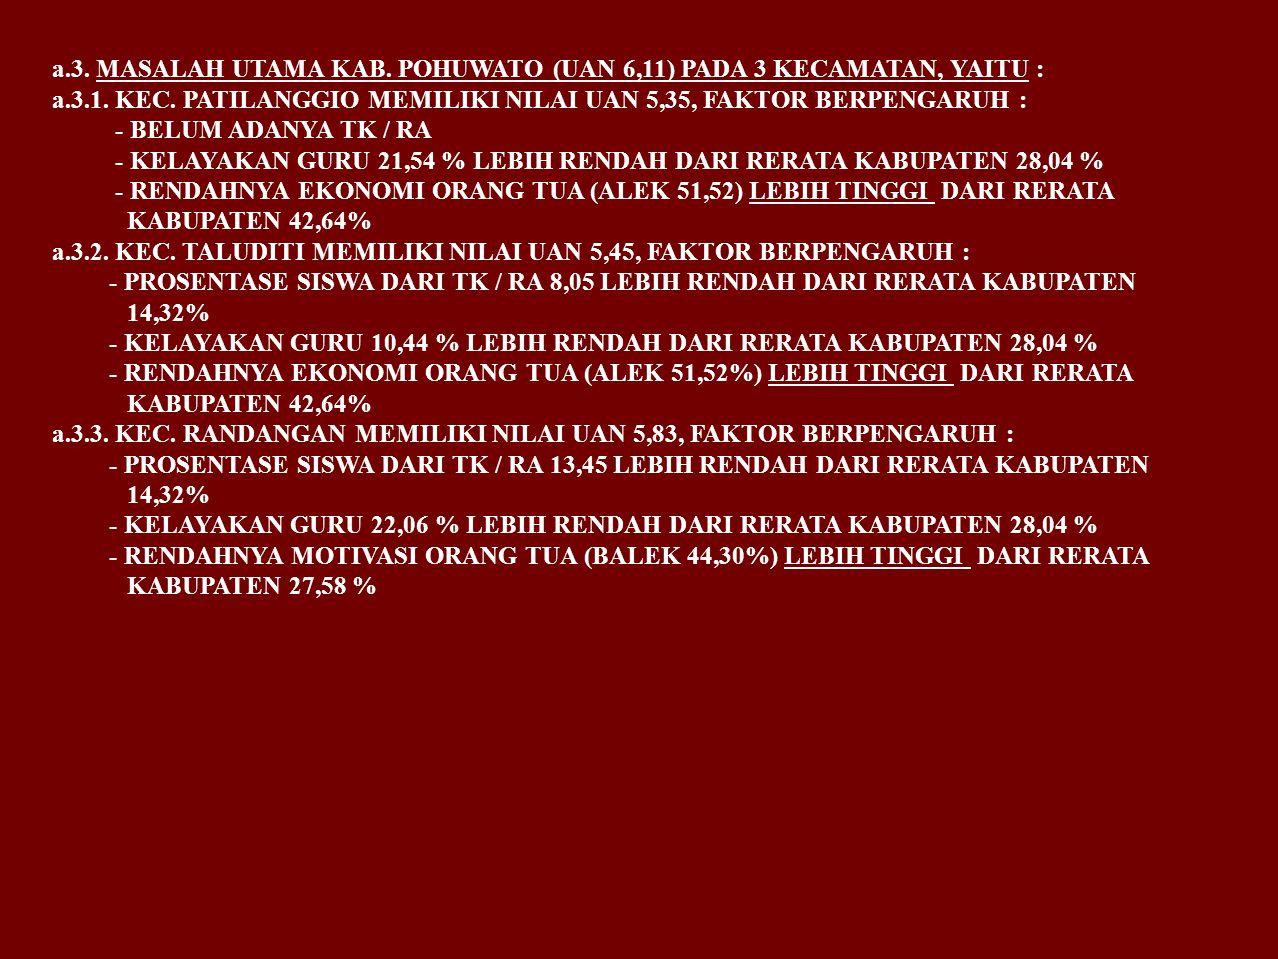 a.3.MASALAH UTAMA KAB. POHUWATO (UAN 6,11) PADA 3 KECAMATAN, YAITU : a.3.1.